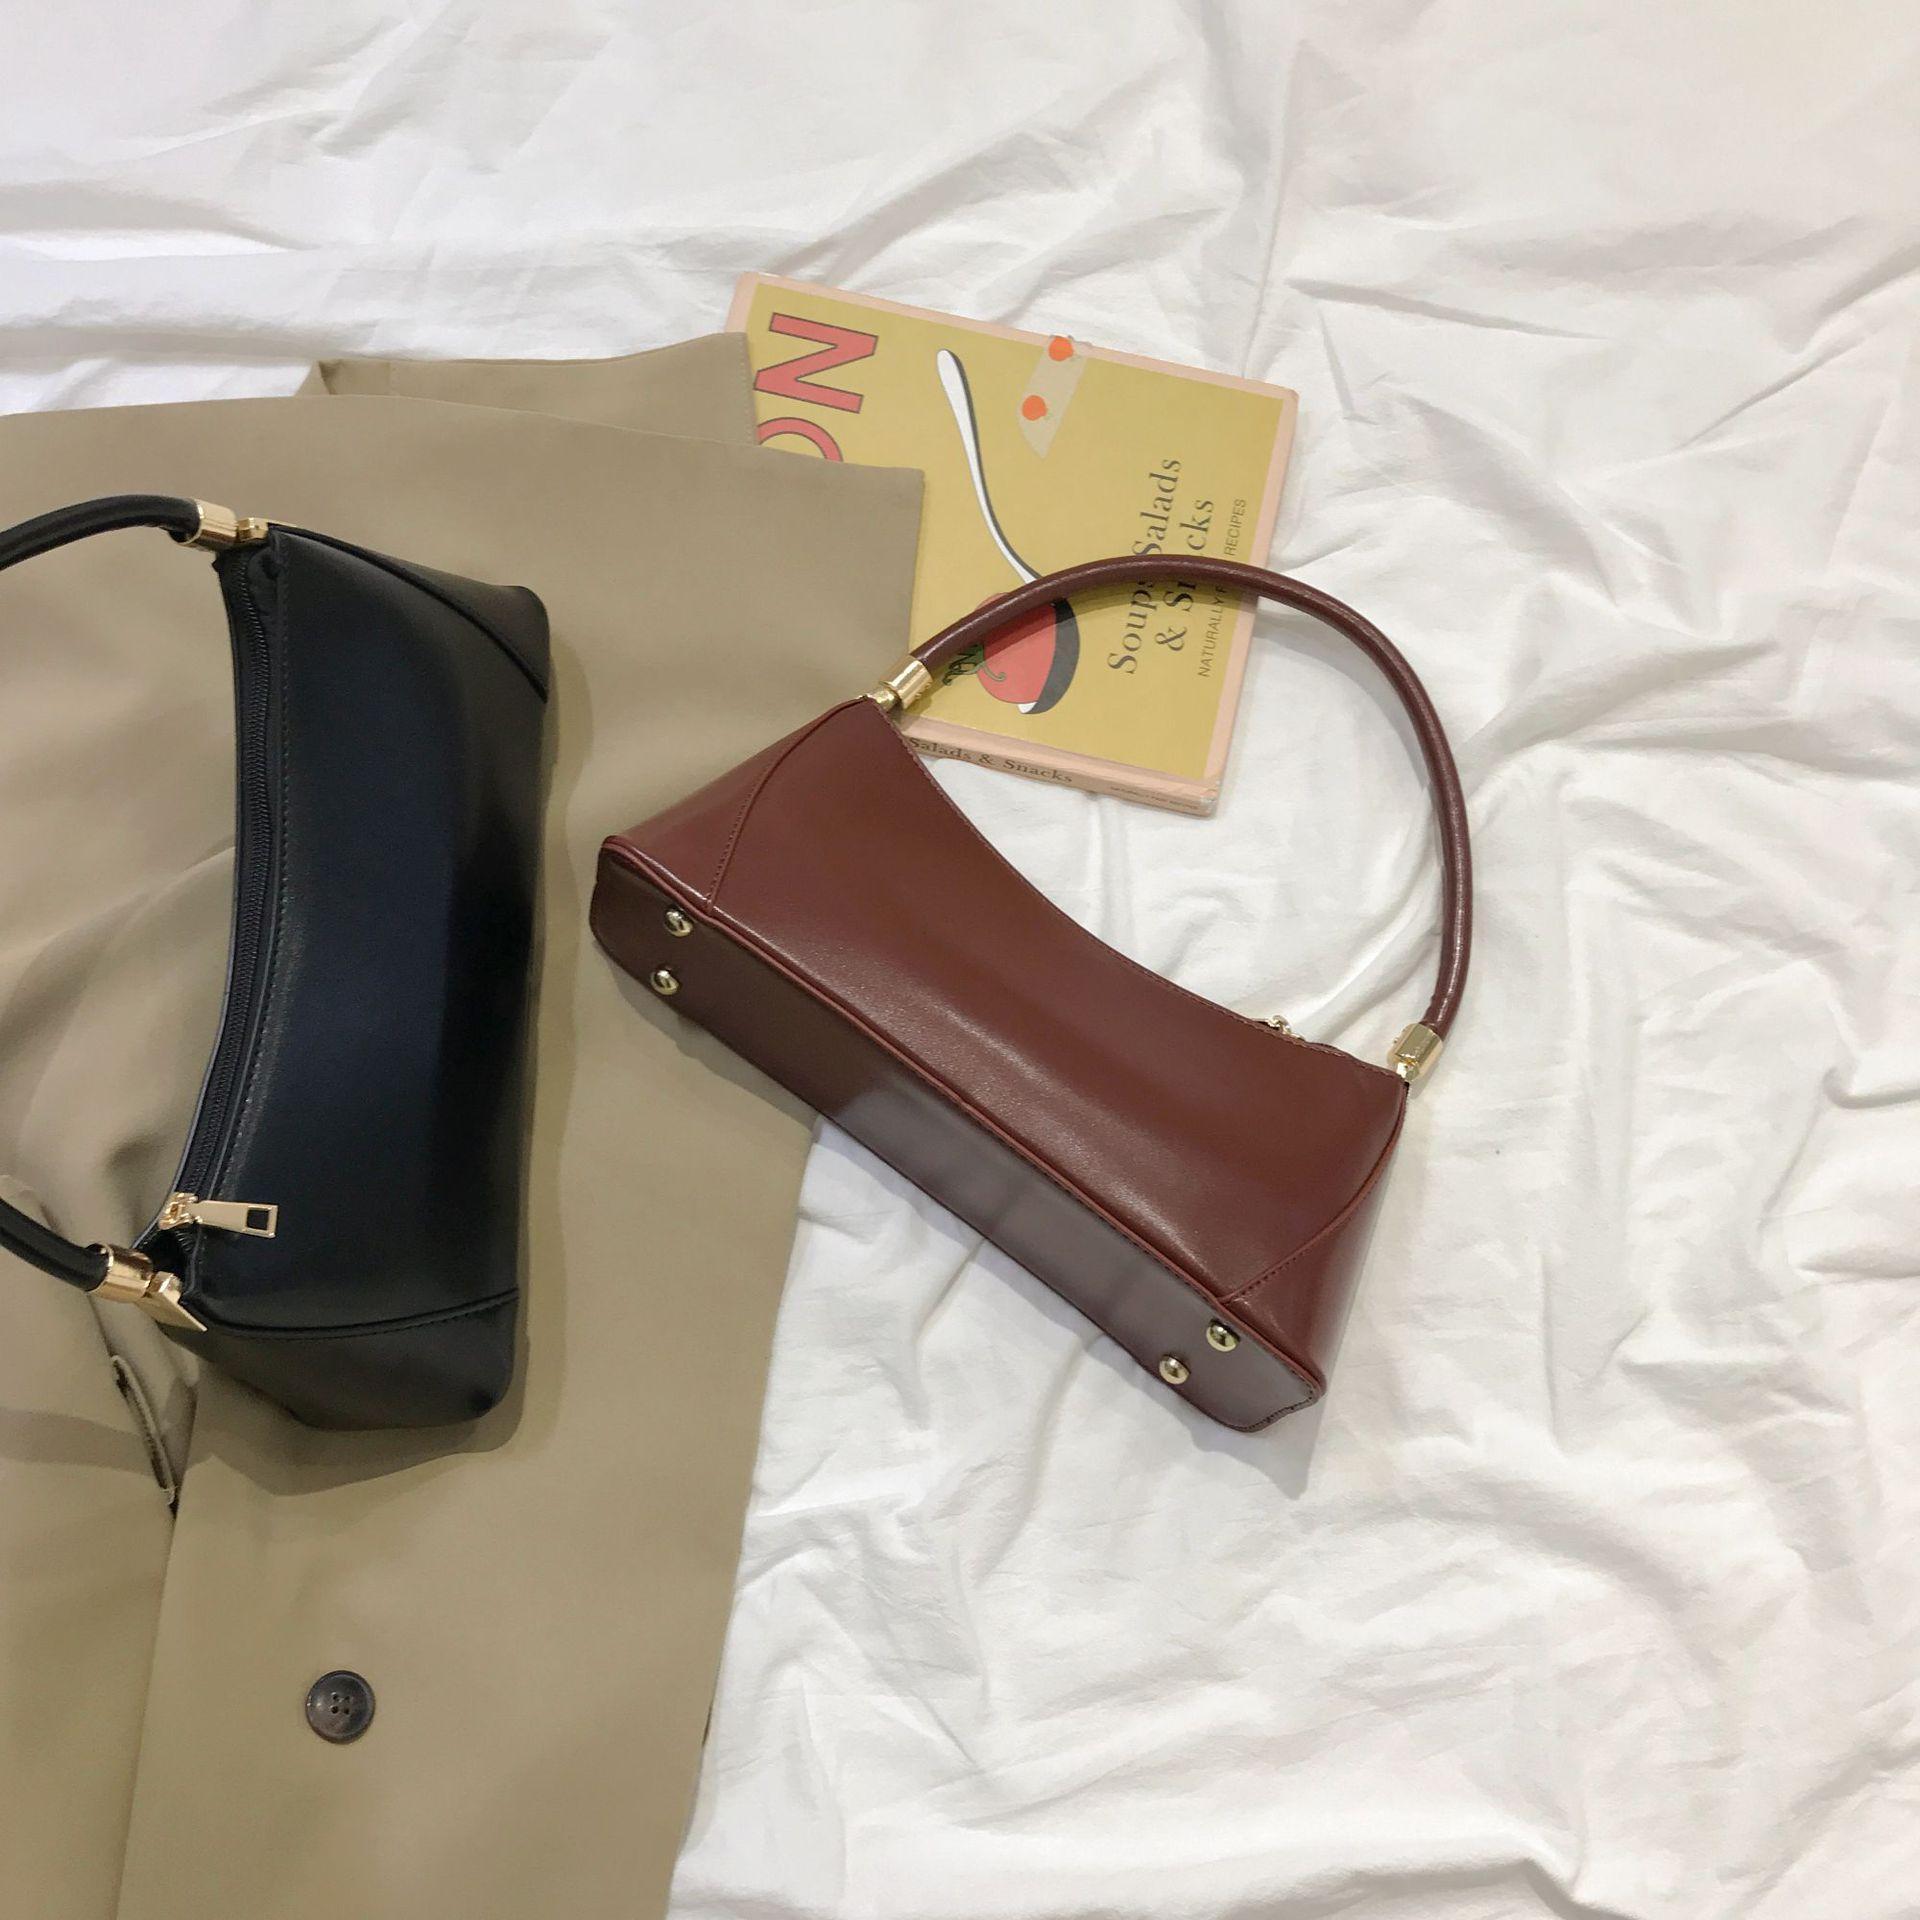 Nouveau porte-monnaie Sacs à bandoulière Sac à main couleur unie Rétro sac en cuir pour femme